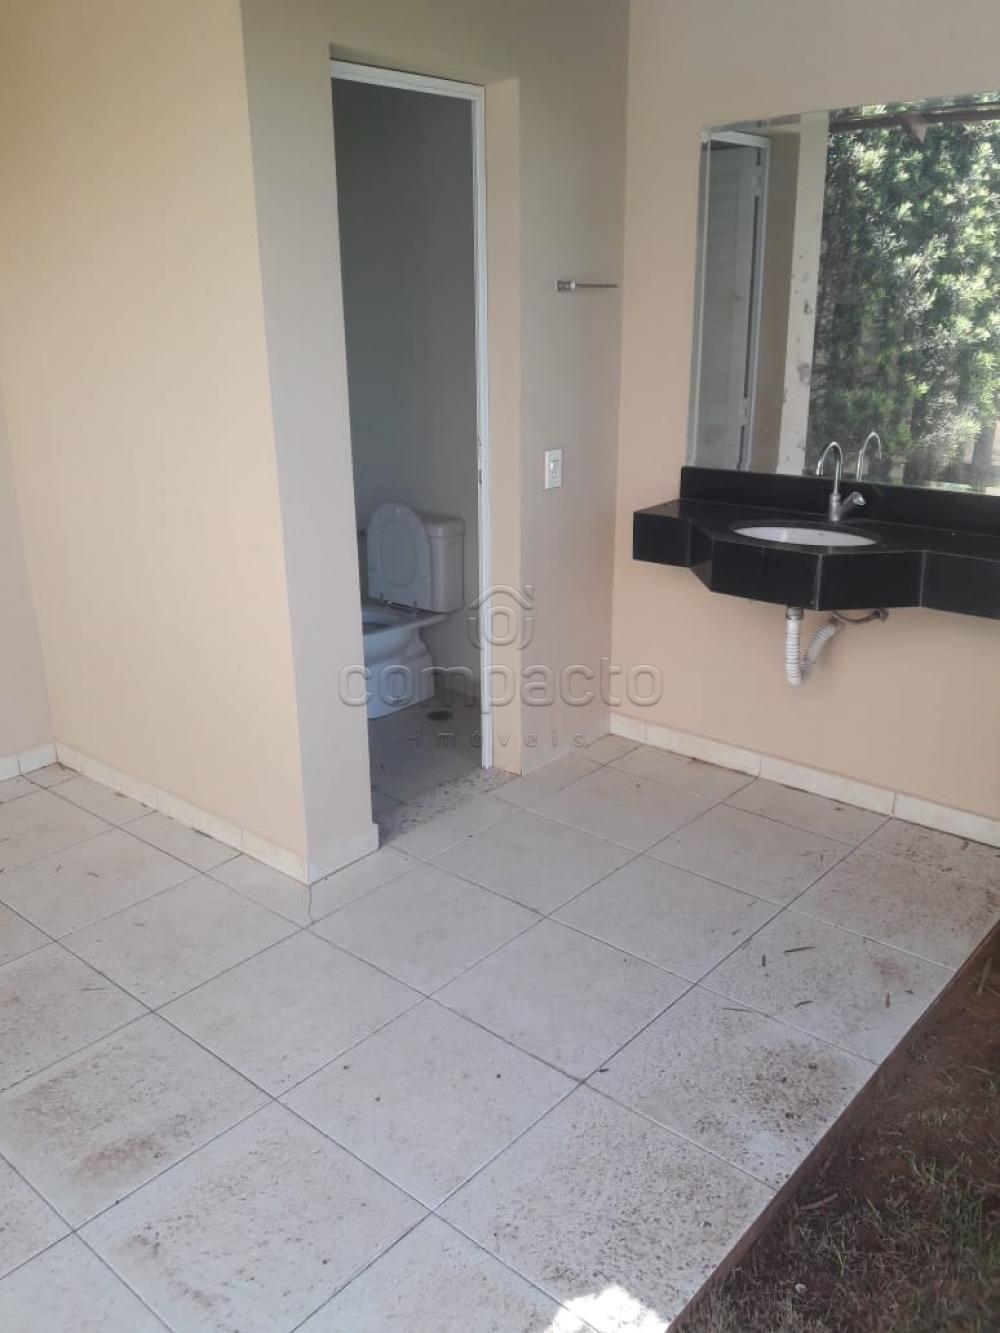 Alugar Casa / Condomínio em São José do Rio Preto apenas R$ 4.500,00 - Foto 23